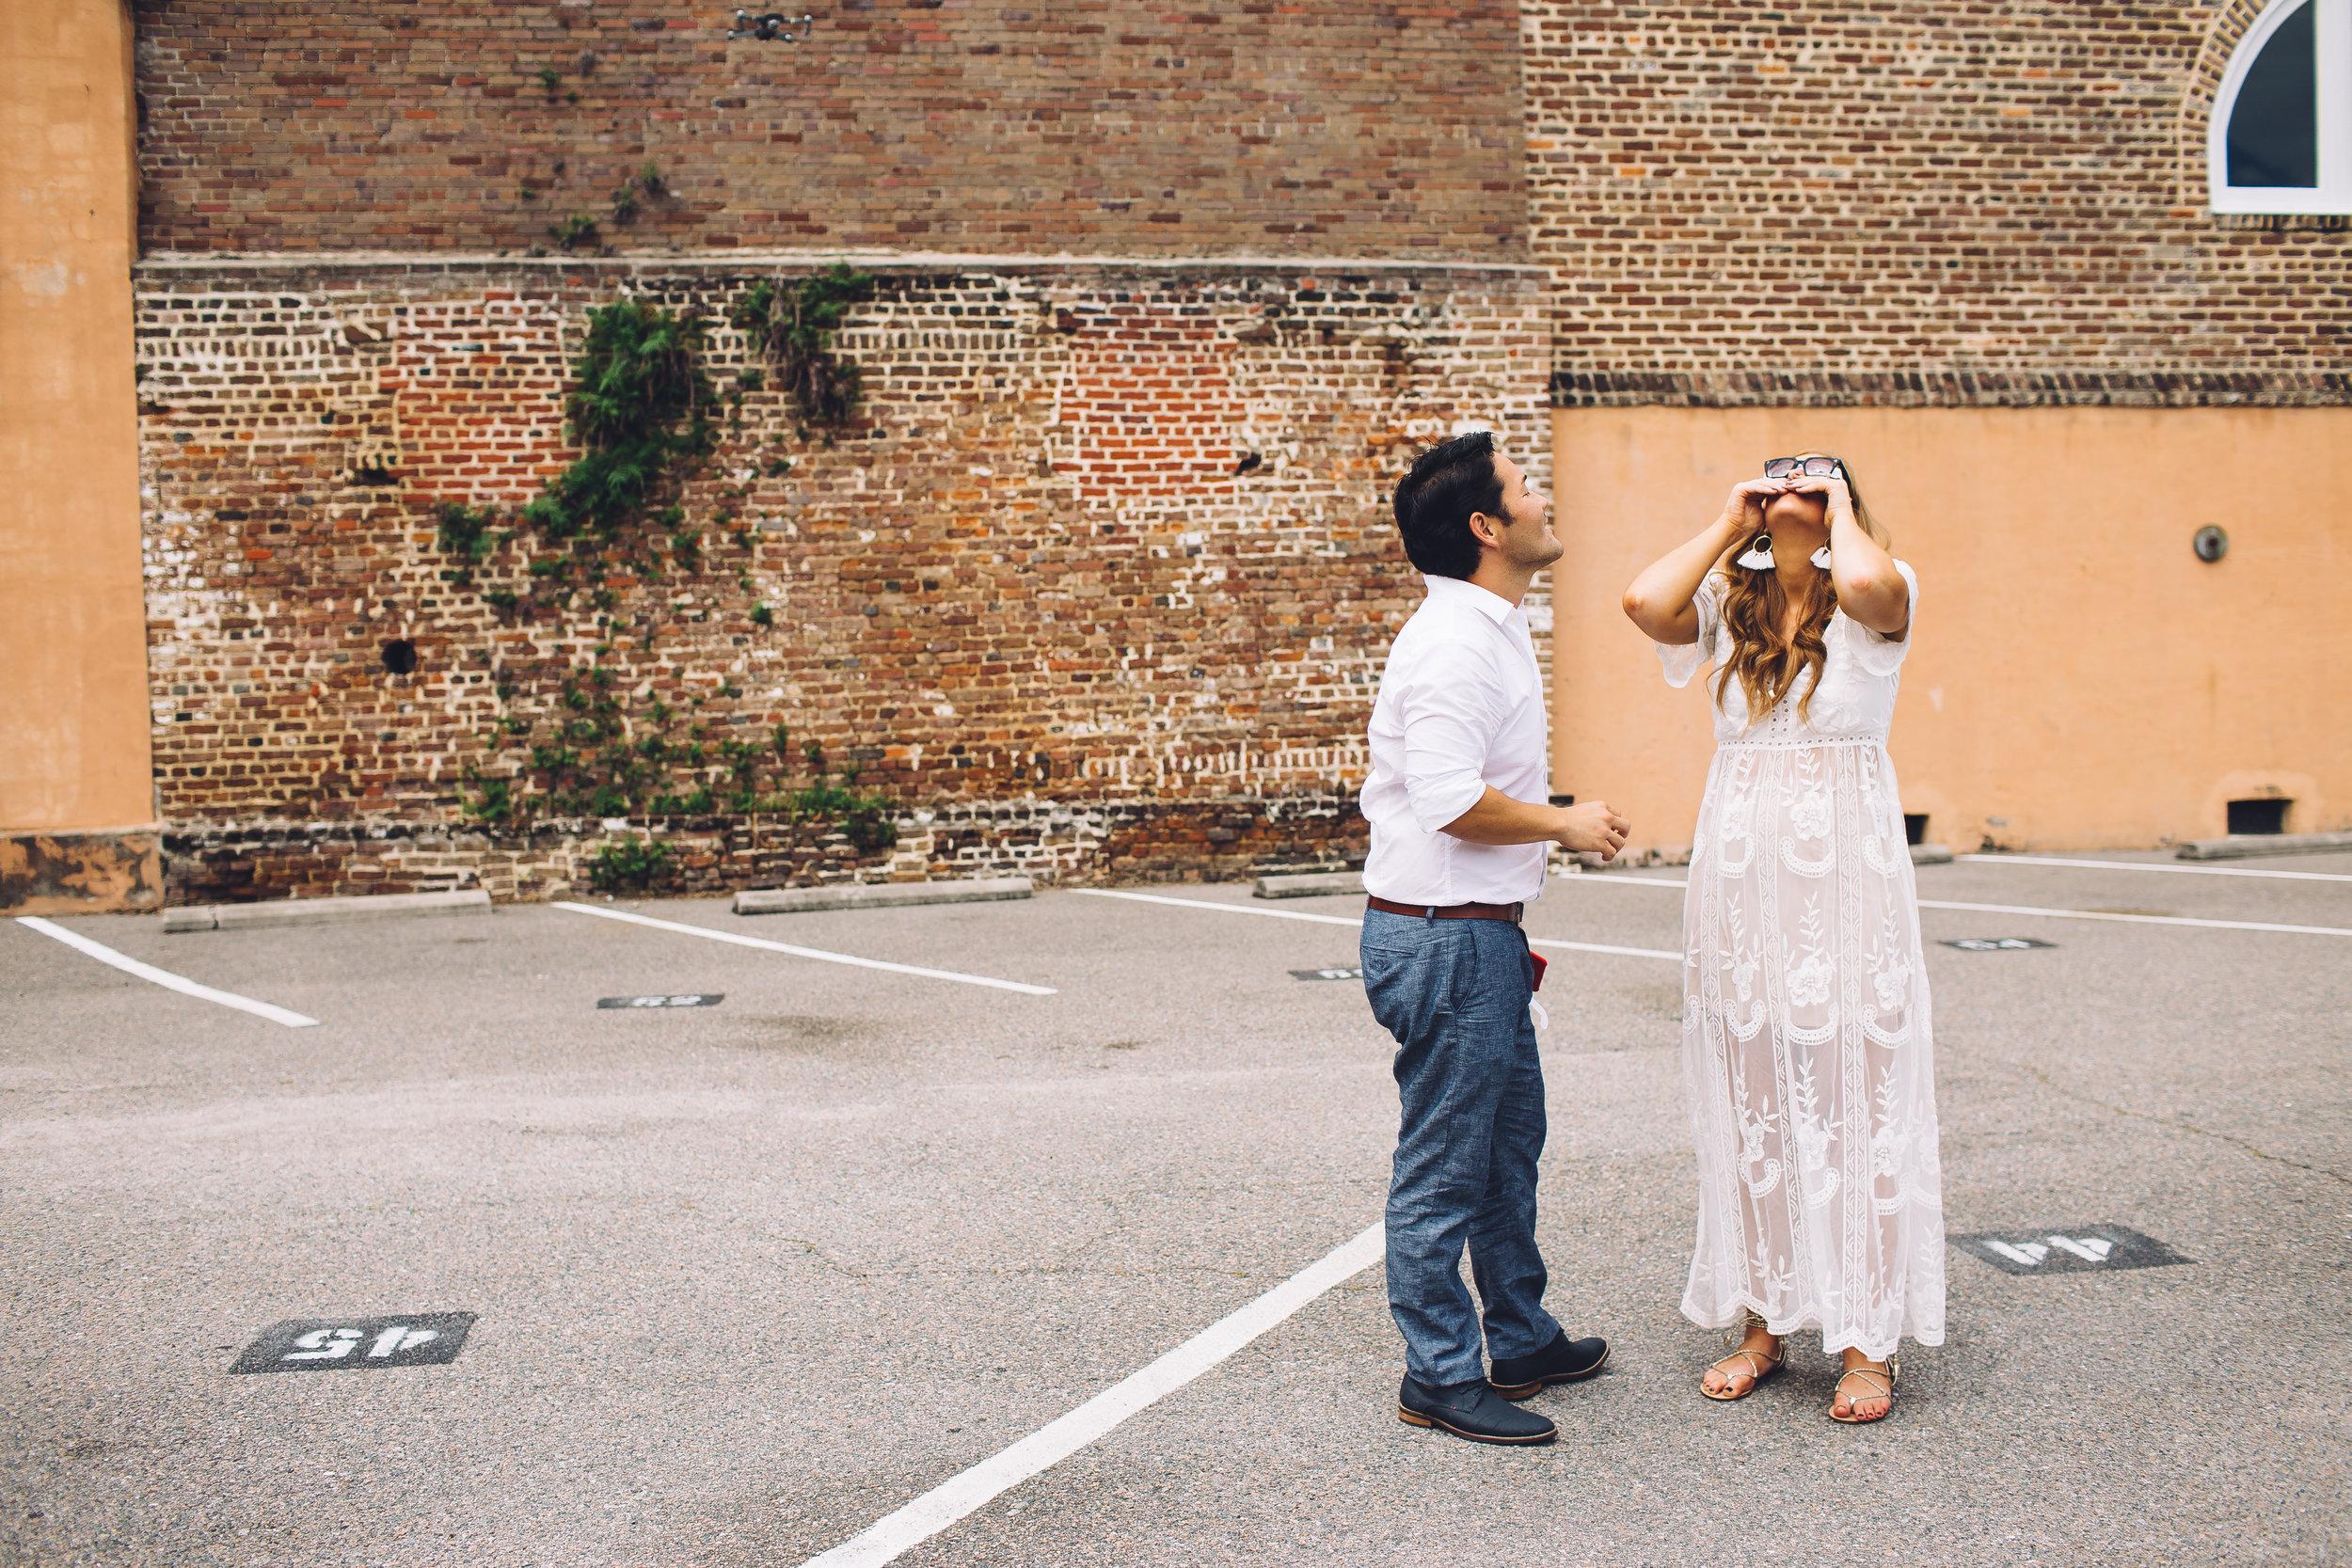 CHARLESTON ELOPEMENT, ECLIPSE WEDDING, CHARLESTON WEDDING PHOTOGRAPHER, BEST CHARLESTON WEDDING PHOTOGRAPHERS, THE CEDAR ROOM, ECLIPSE WEDDING, CHARLESTON ECLIPSE